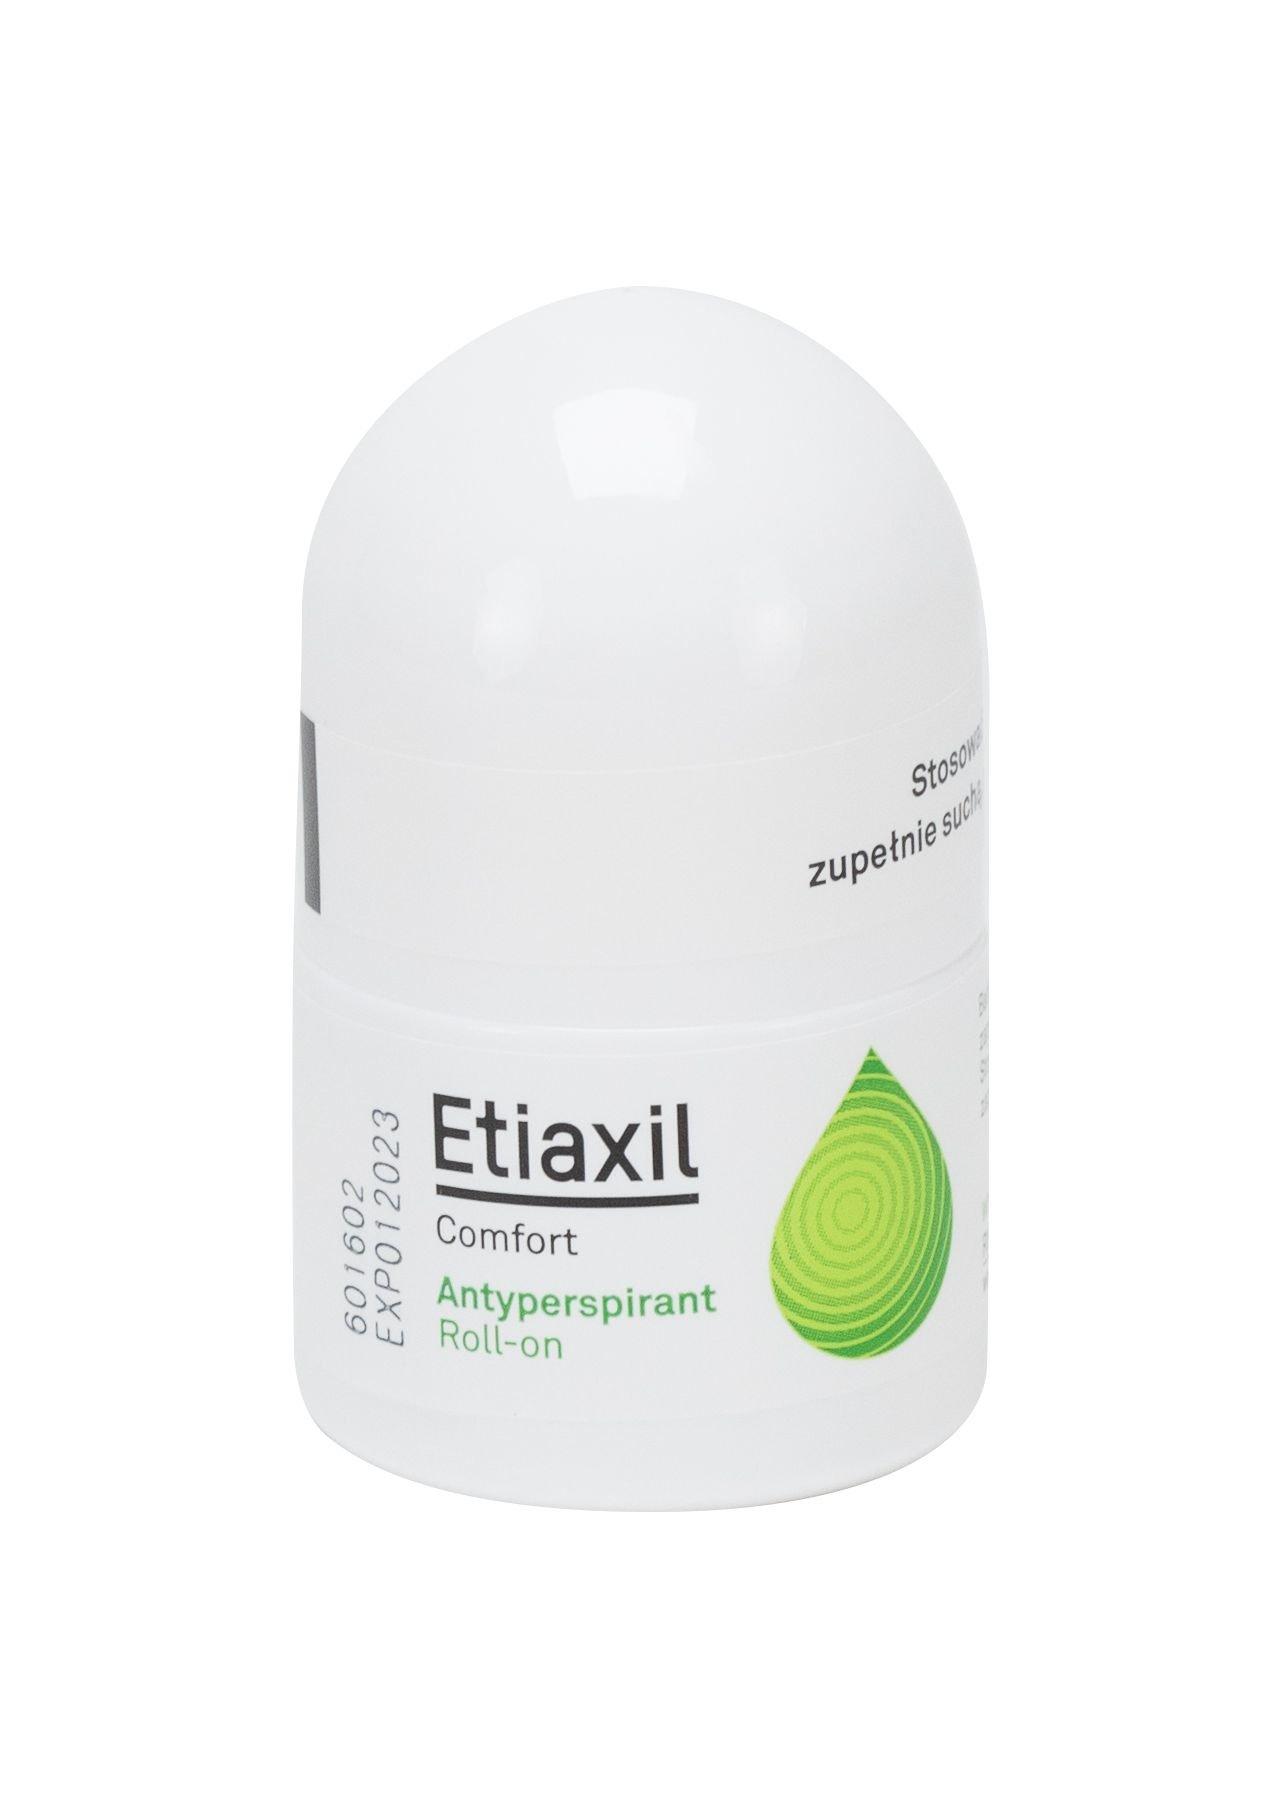 Etiaxil Comfort Antiperspirant 15ml